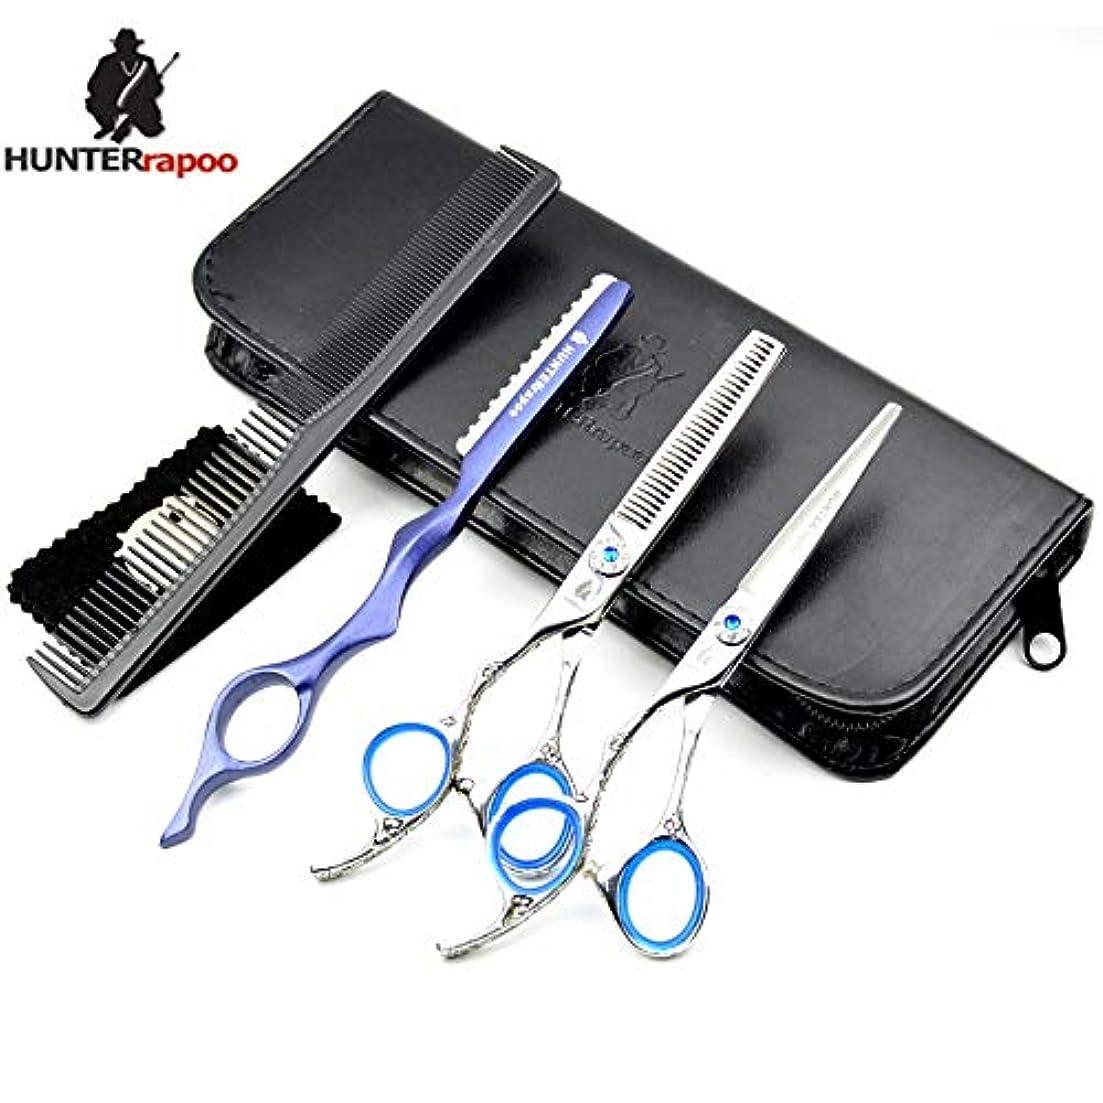 時計回り別れる永遠にカットシザー 散髪用はさみ 散髪 ヘアカット 美容師 理容師 プロ用高級シザー ハサミ スキハサミ ベーシック セニング 高級はさみ2本セット 収納シザーケース付き